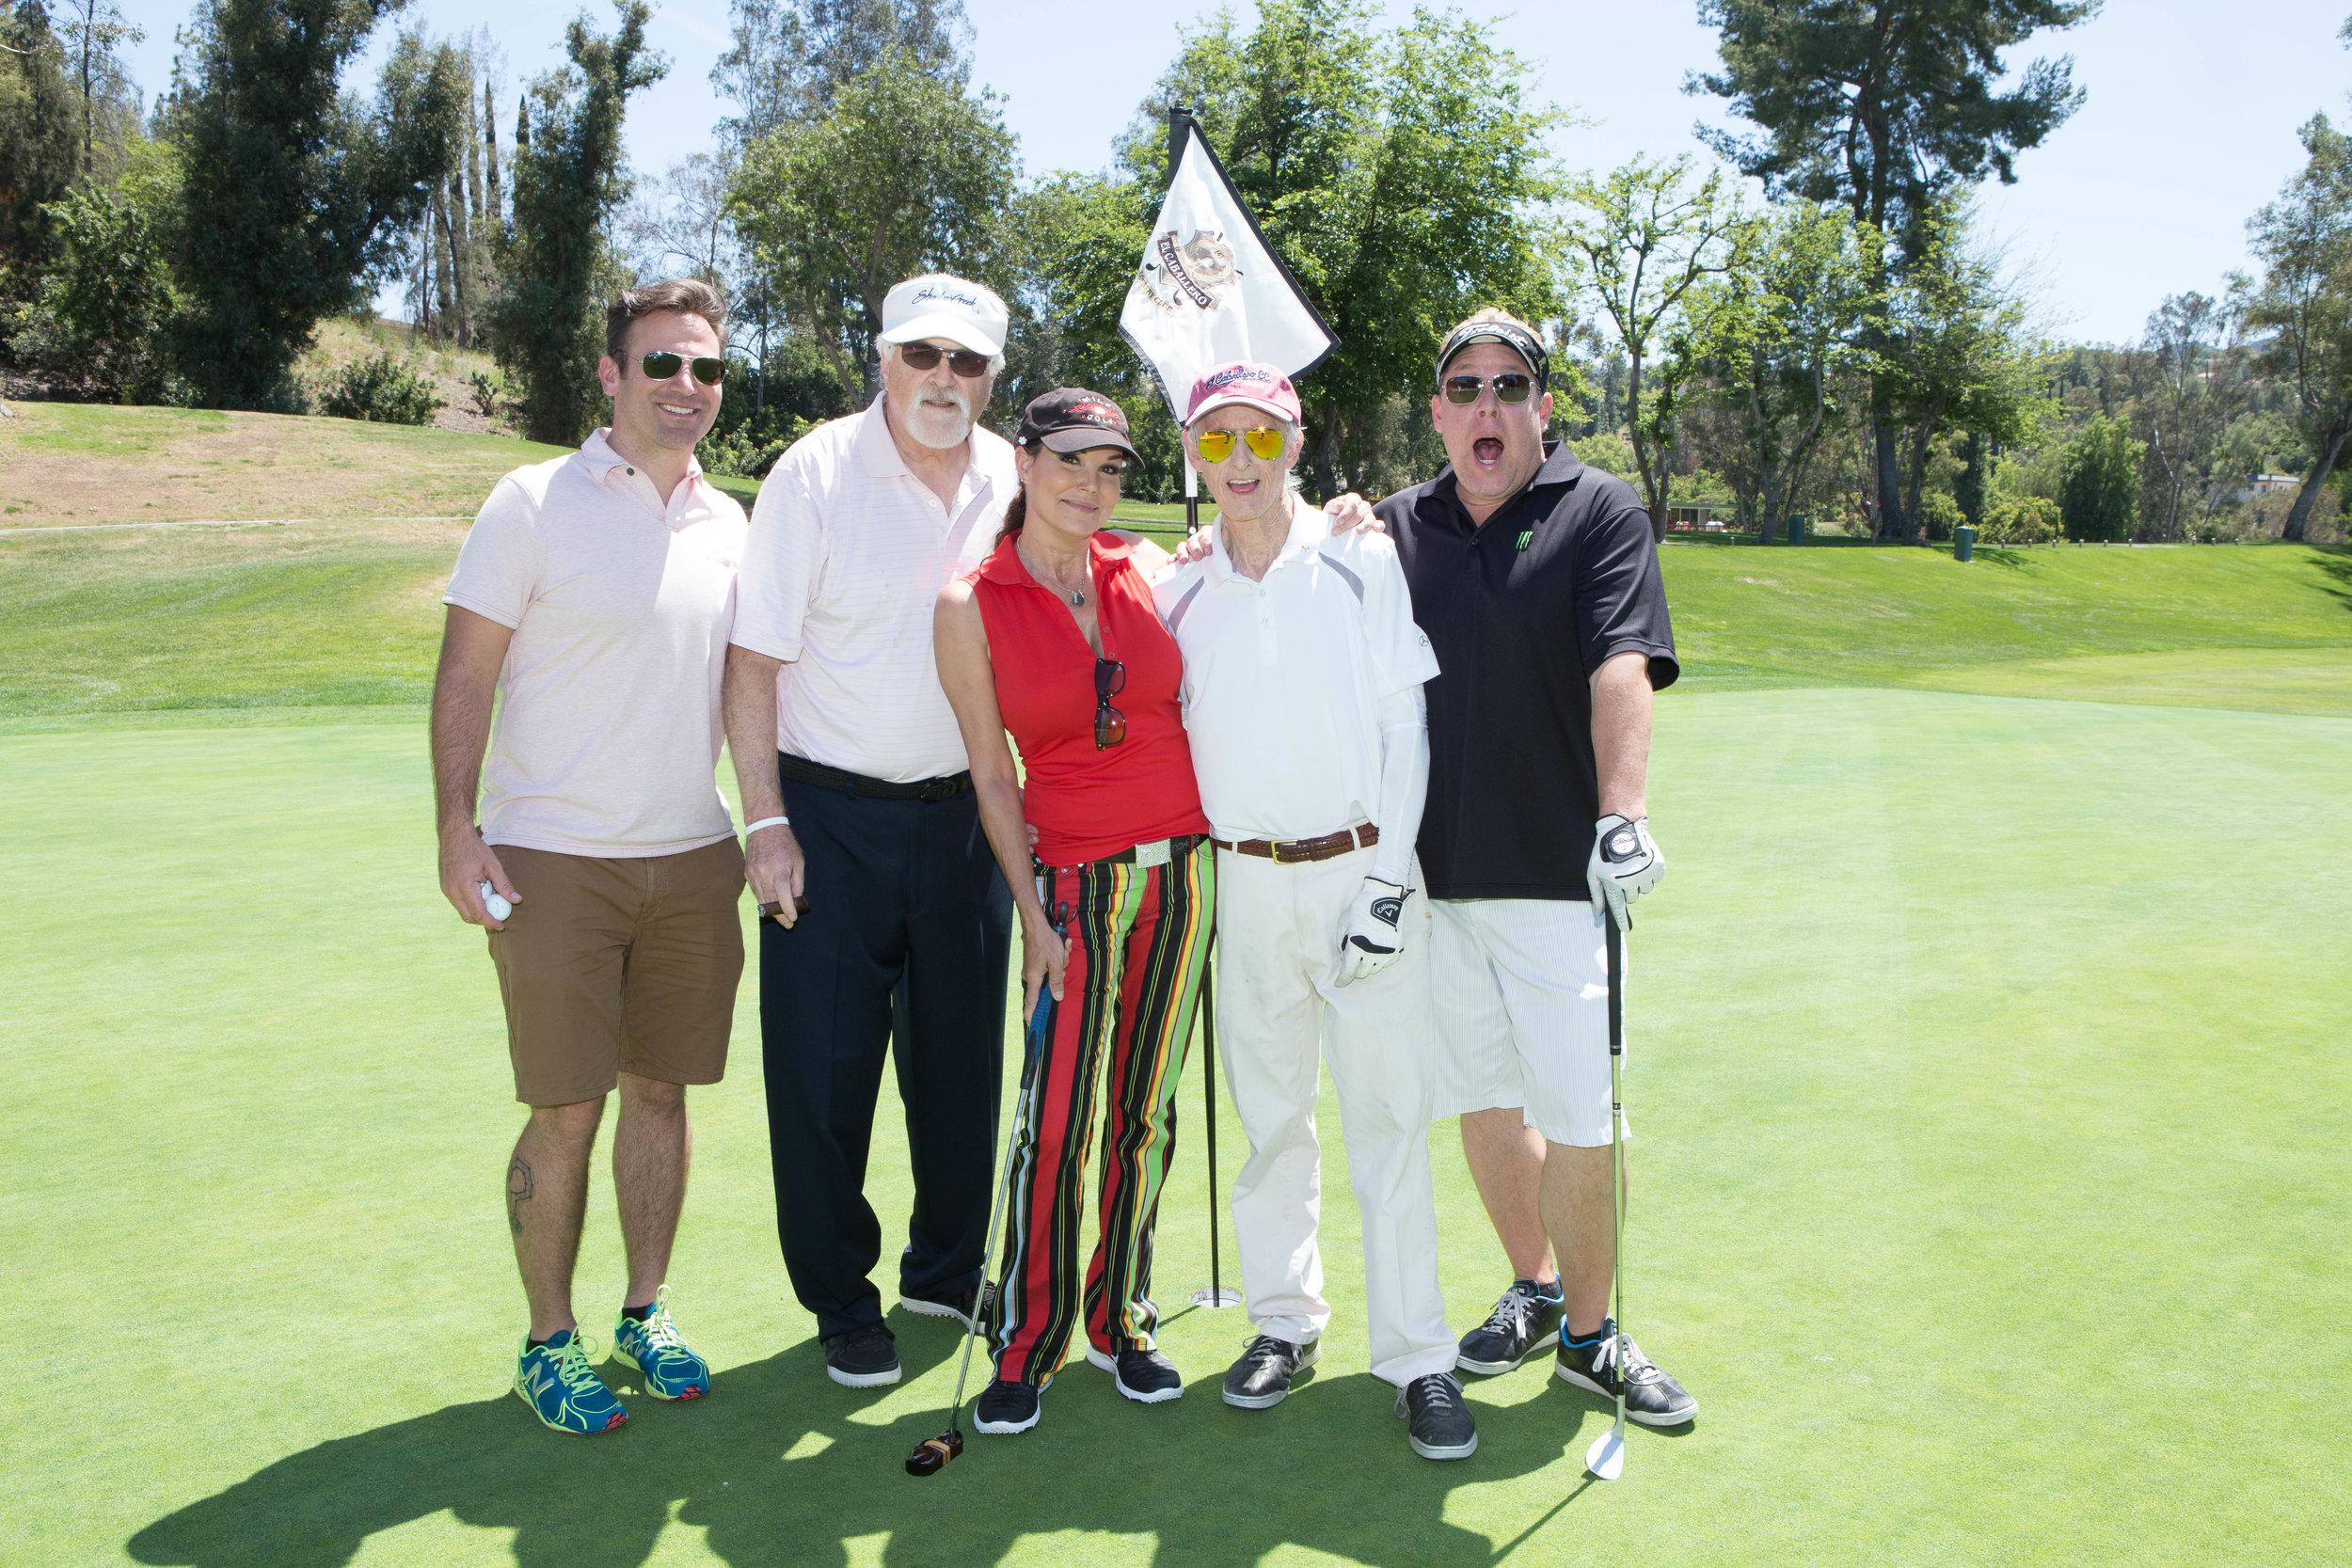 IMG_7942-Ross & Golfers (w:Gary Valentine) (CELEBRITY).jpg